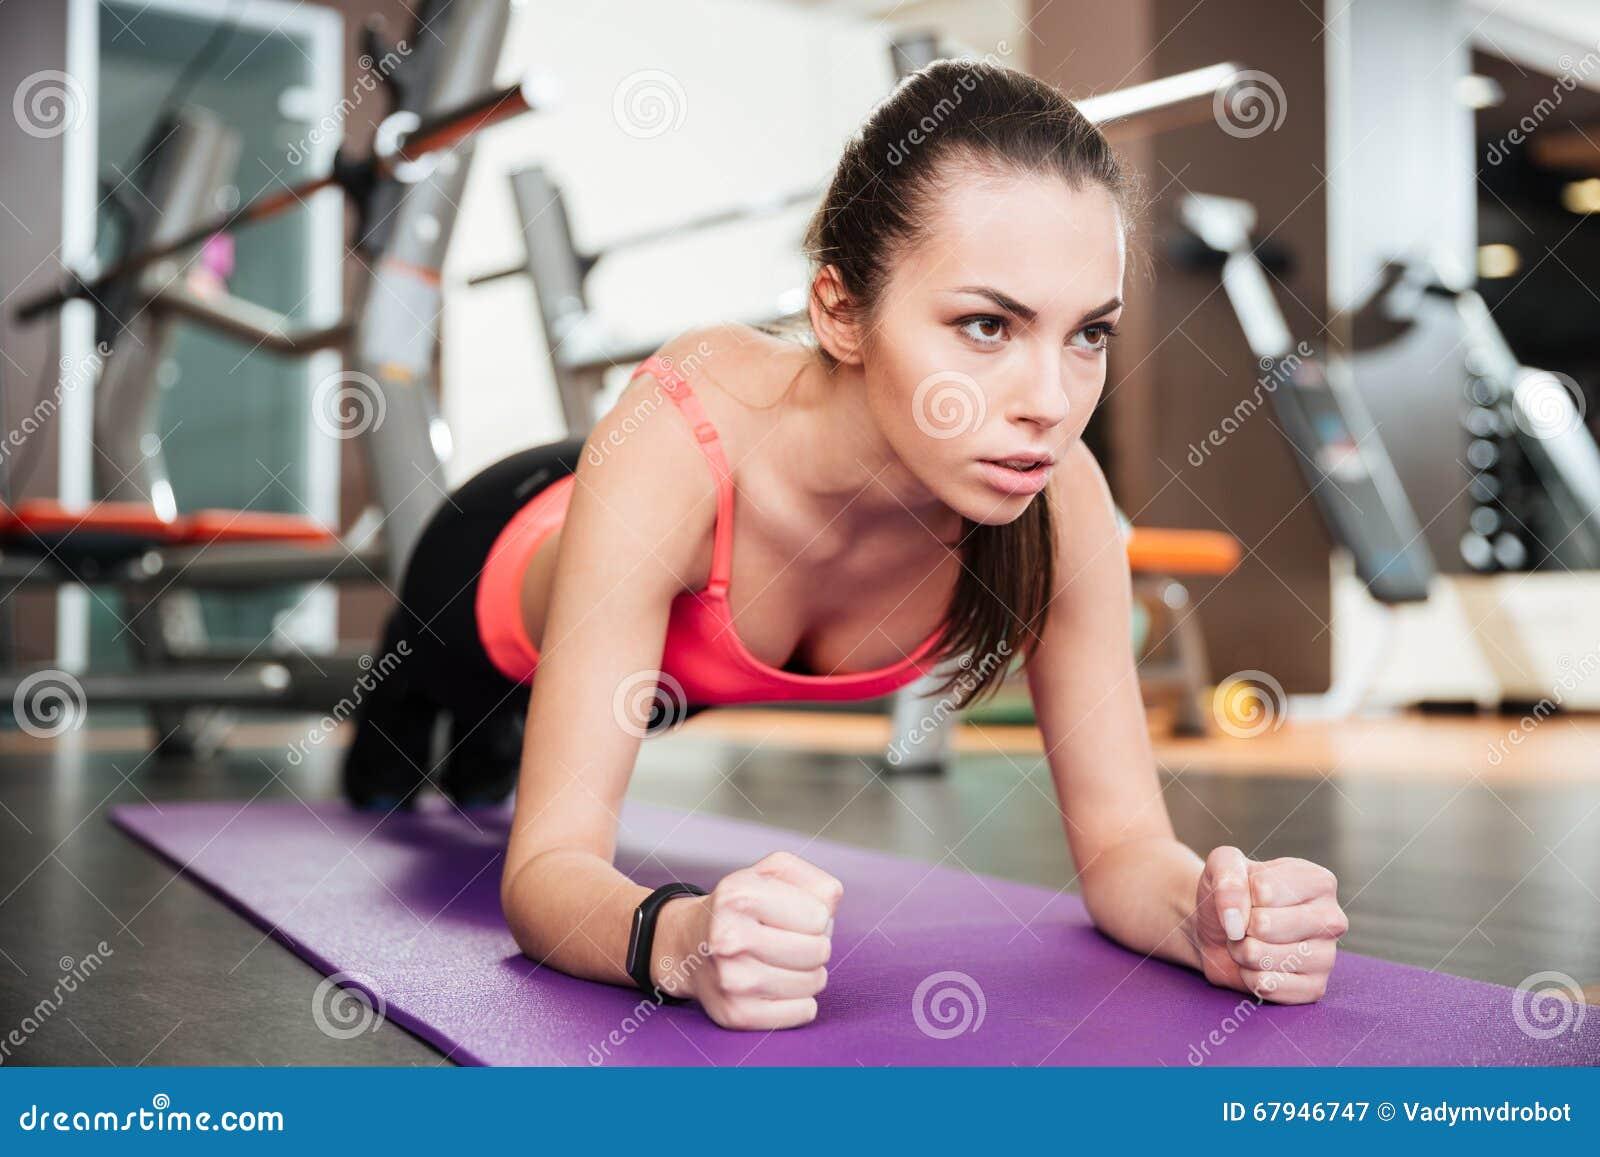 Starke schöne junge Sportlerin, die Plankenübung tut